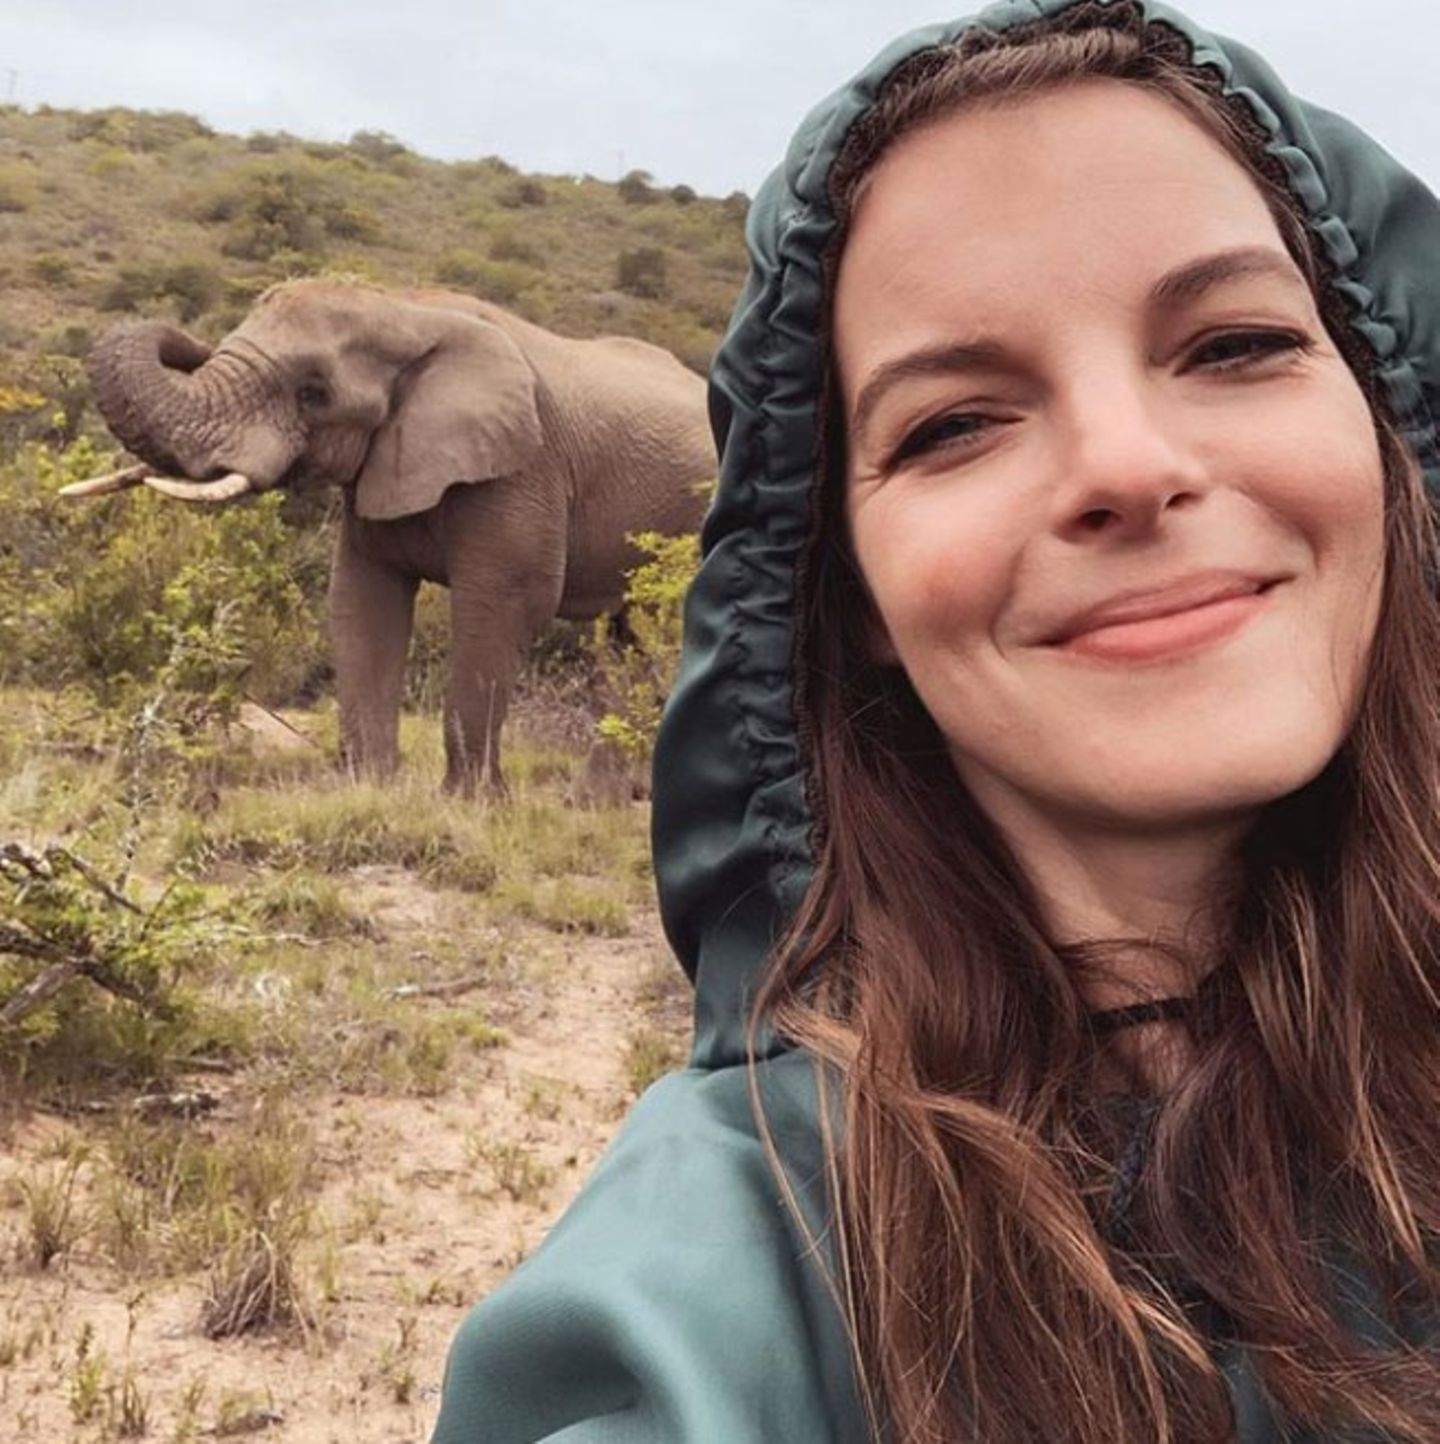 Während ihrer Südafrika-Reise mit den Liebsten kann Yvonne Catterfeld die atemberaubende Wildnis des Landes hautnah erleben. Auf Safari-Tourfängt sie einen beeindruckenden Moment mit diesemElefanten-Selfie ein.